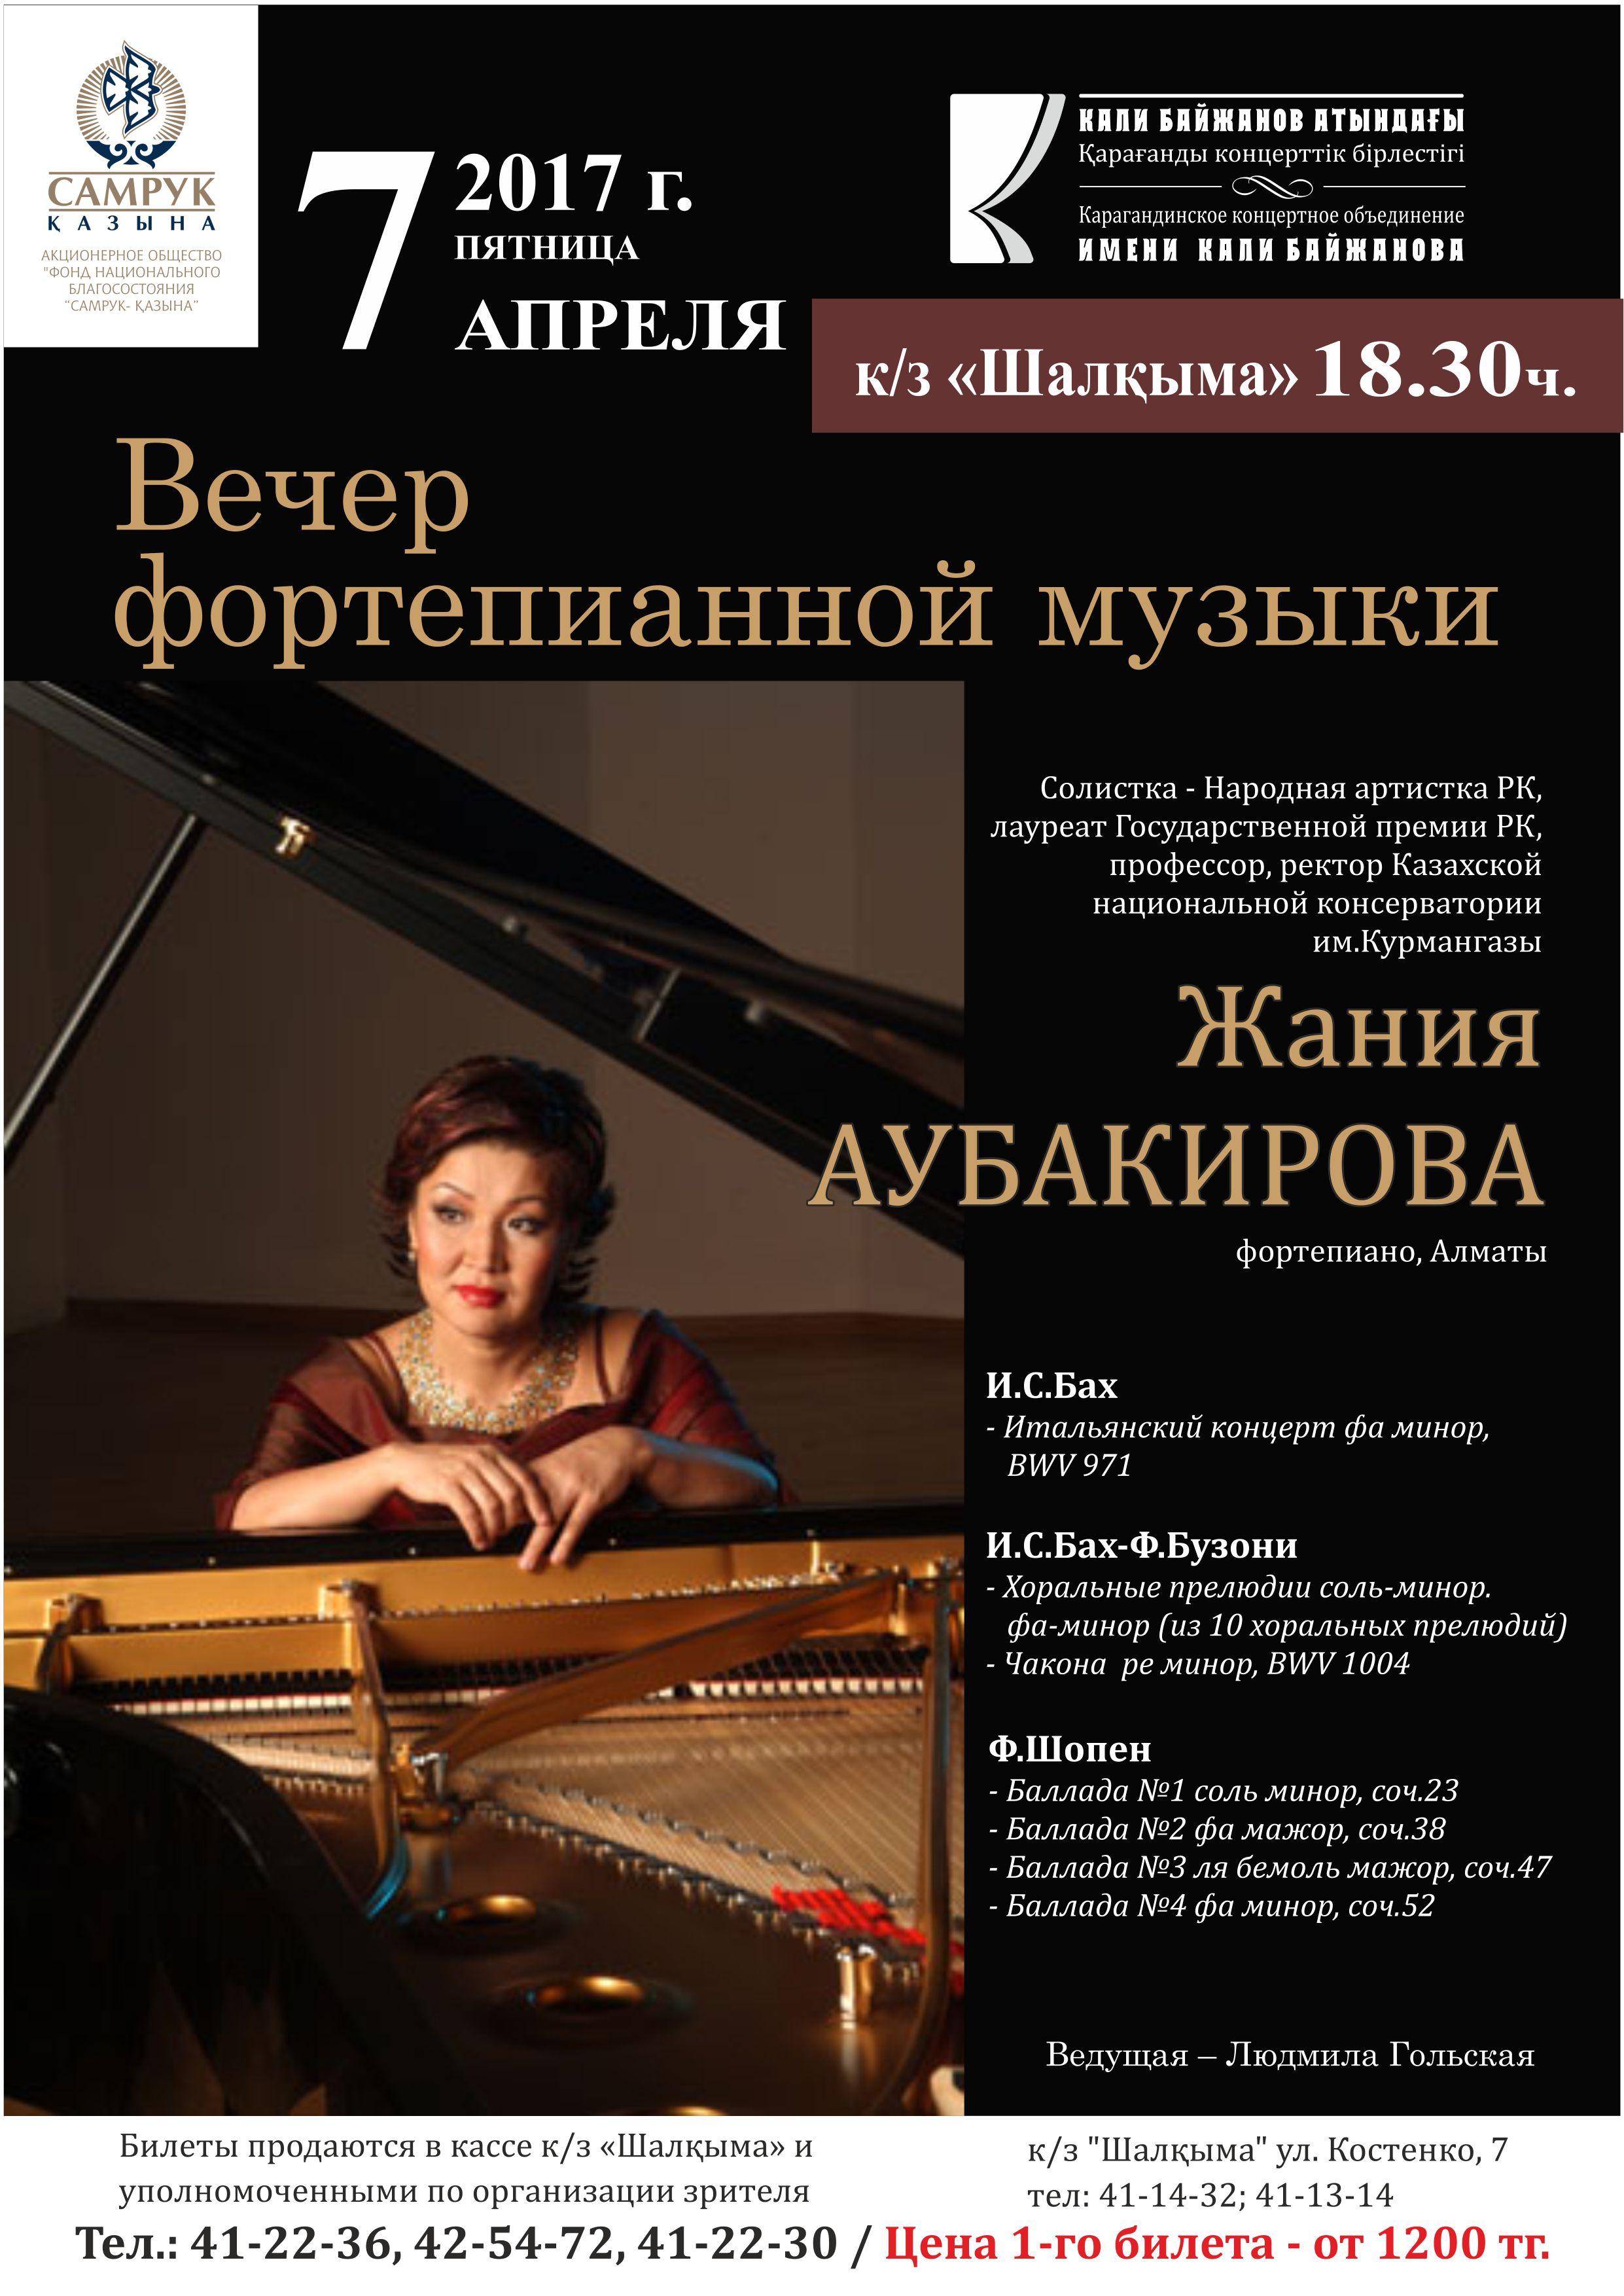 2017_04_07-vecher-fortepiannoj-muzyki-aubakirova-zhaniya